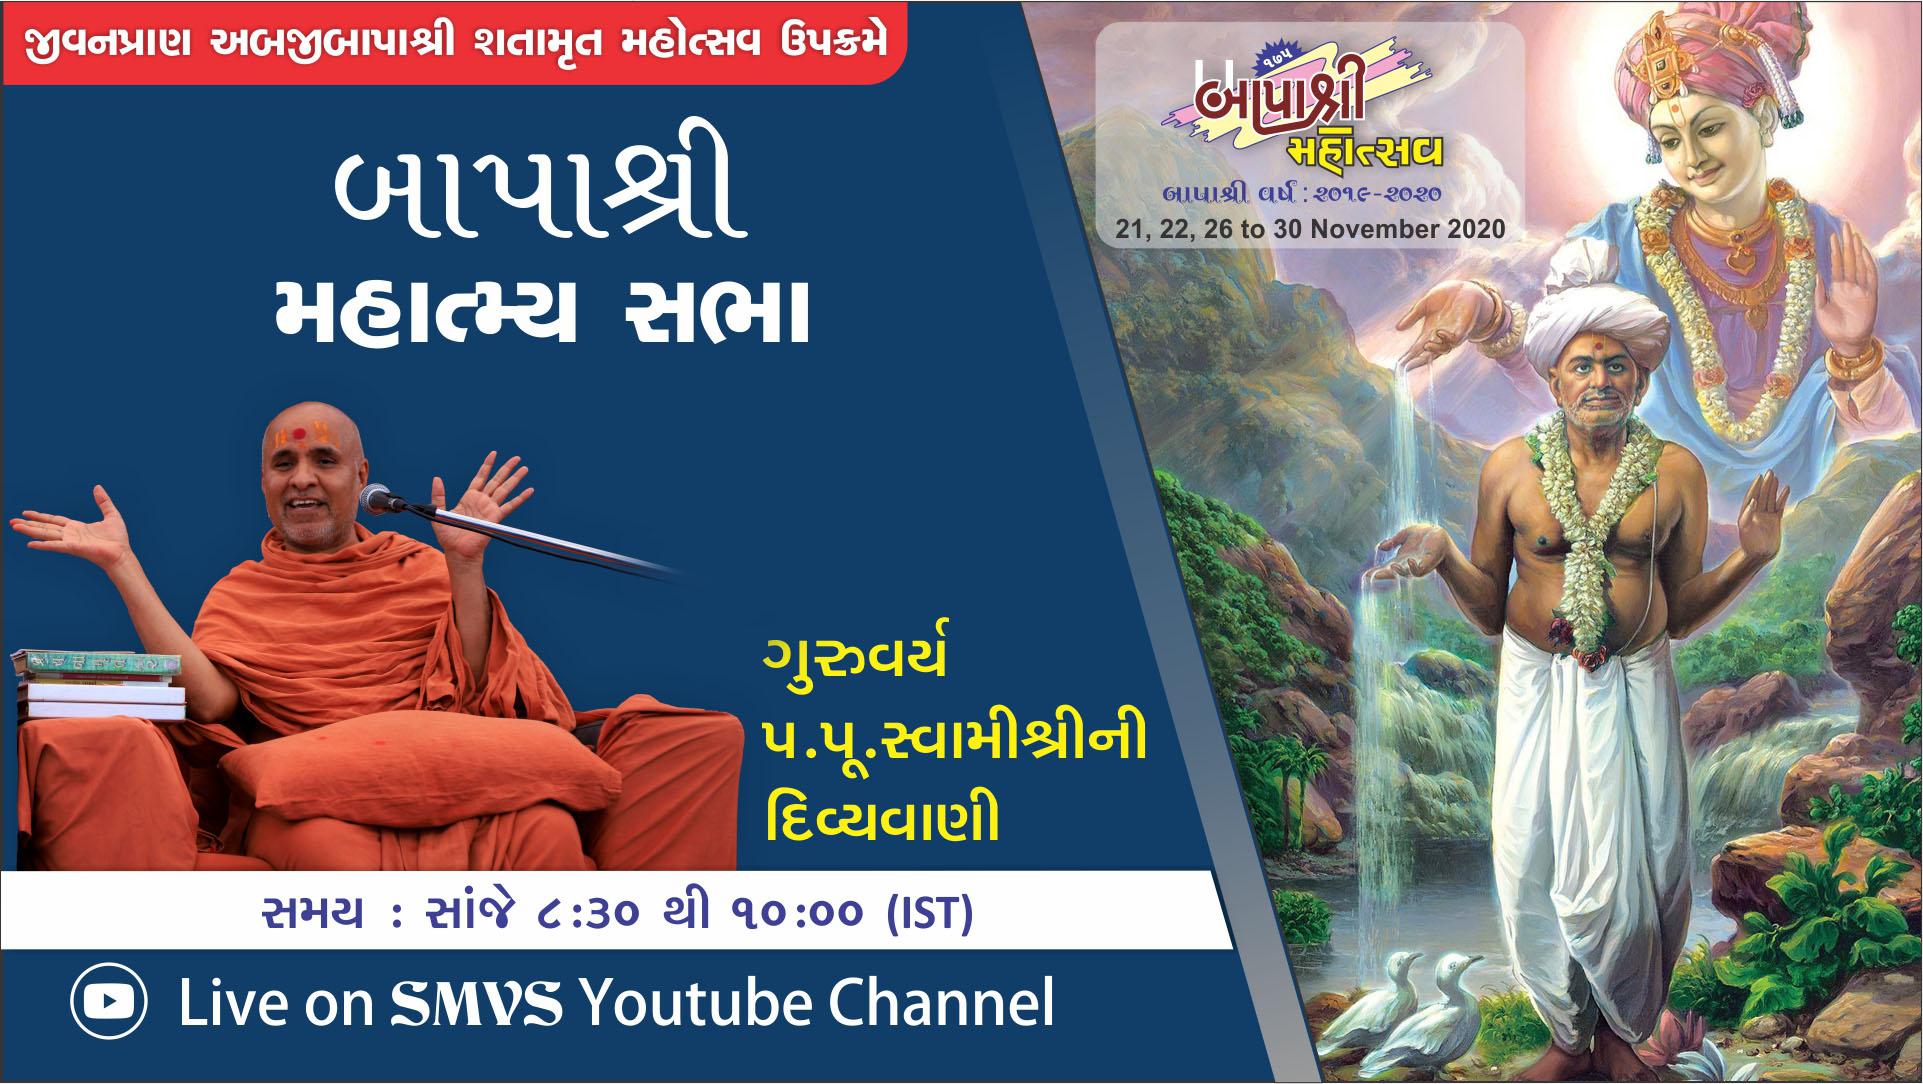 Bapashree Mahatmay Sabha